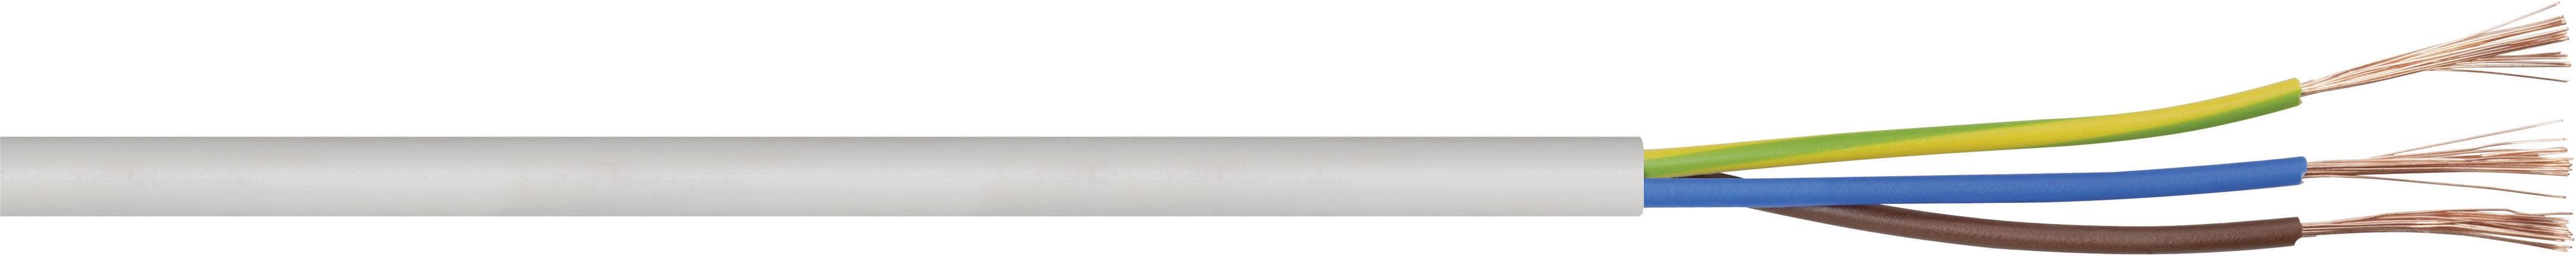 Vícežílový kabel LAPP H03VV-F, 49900068, 3 x 0.75 mm², bílá, metrové zboží